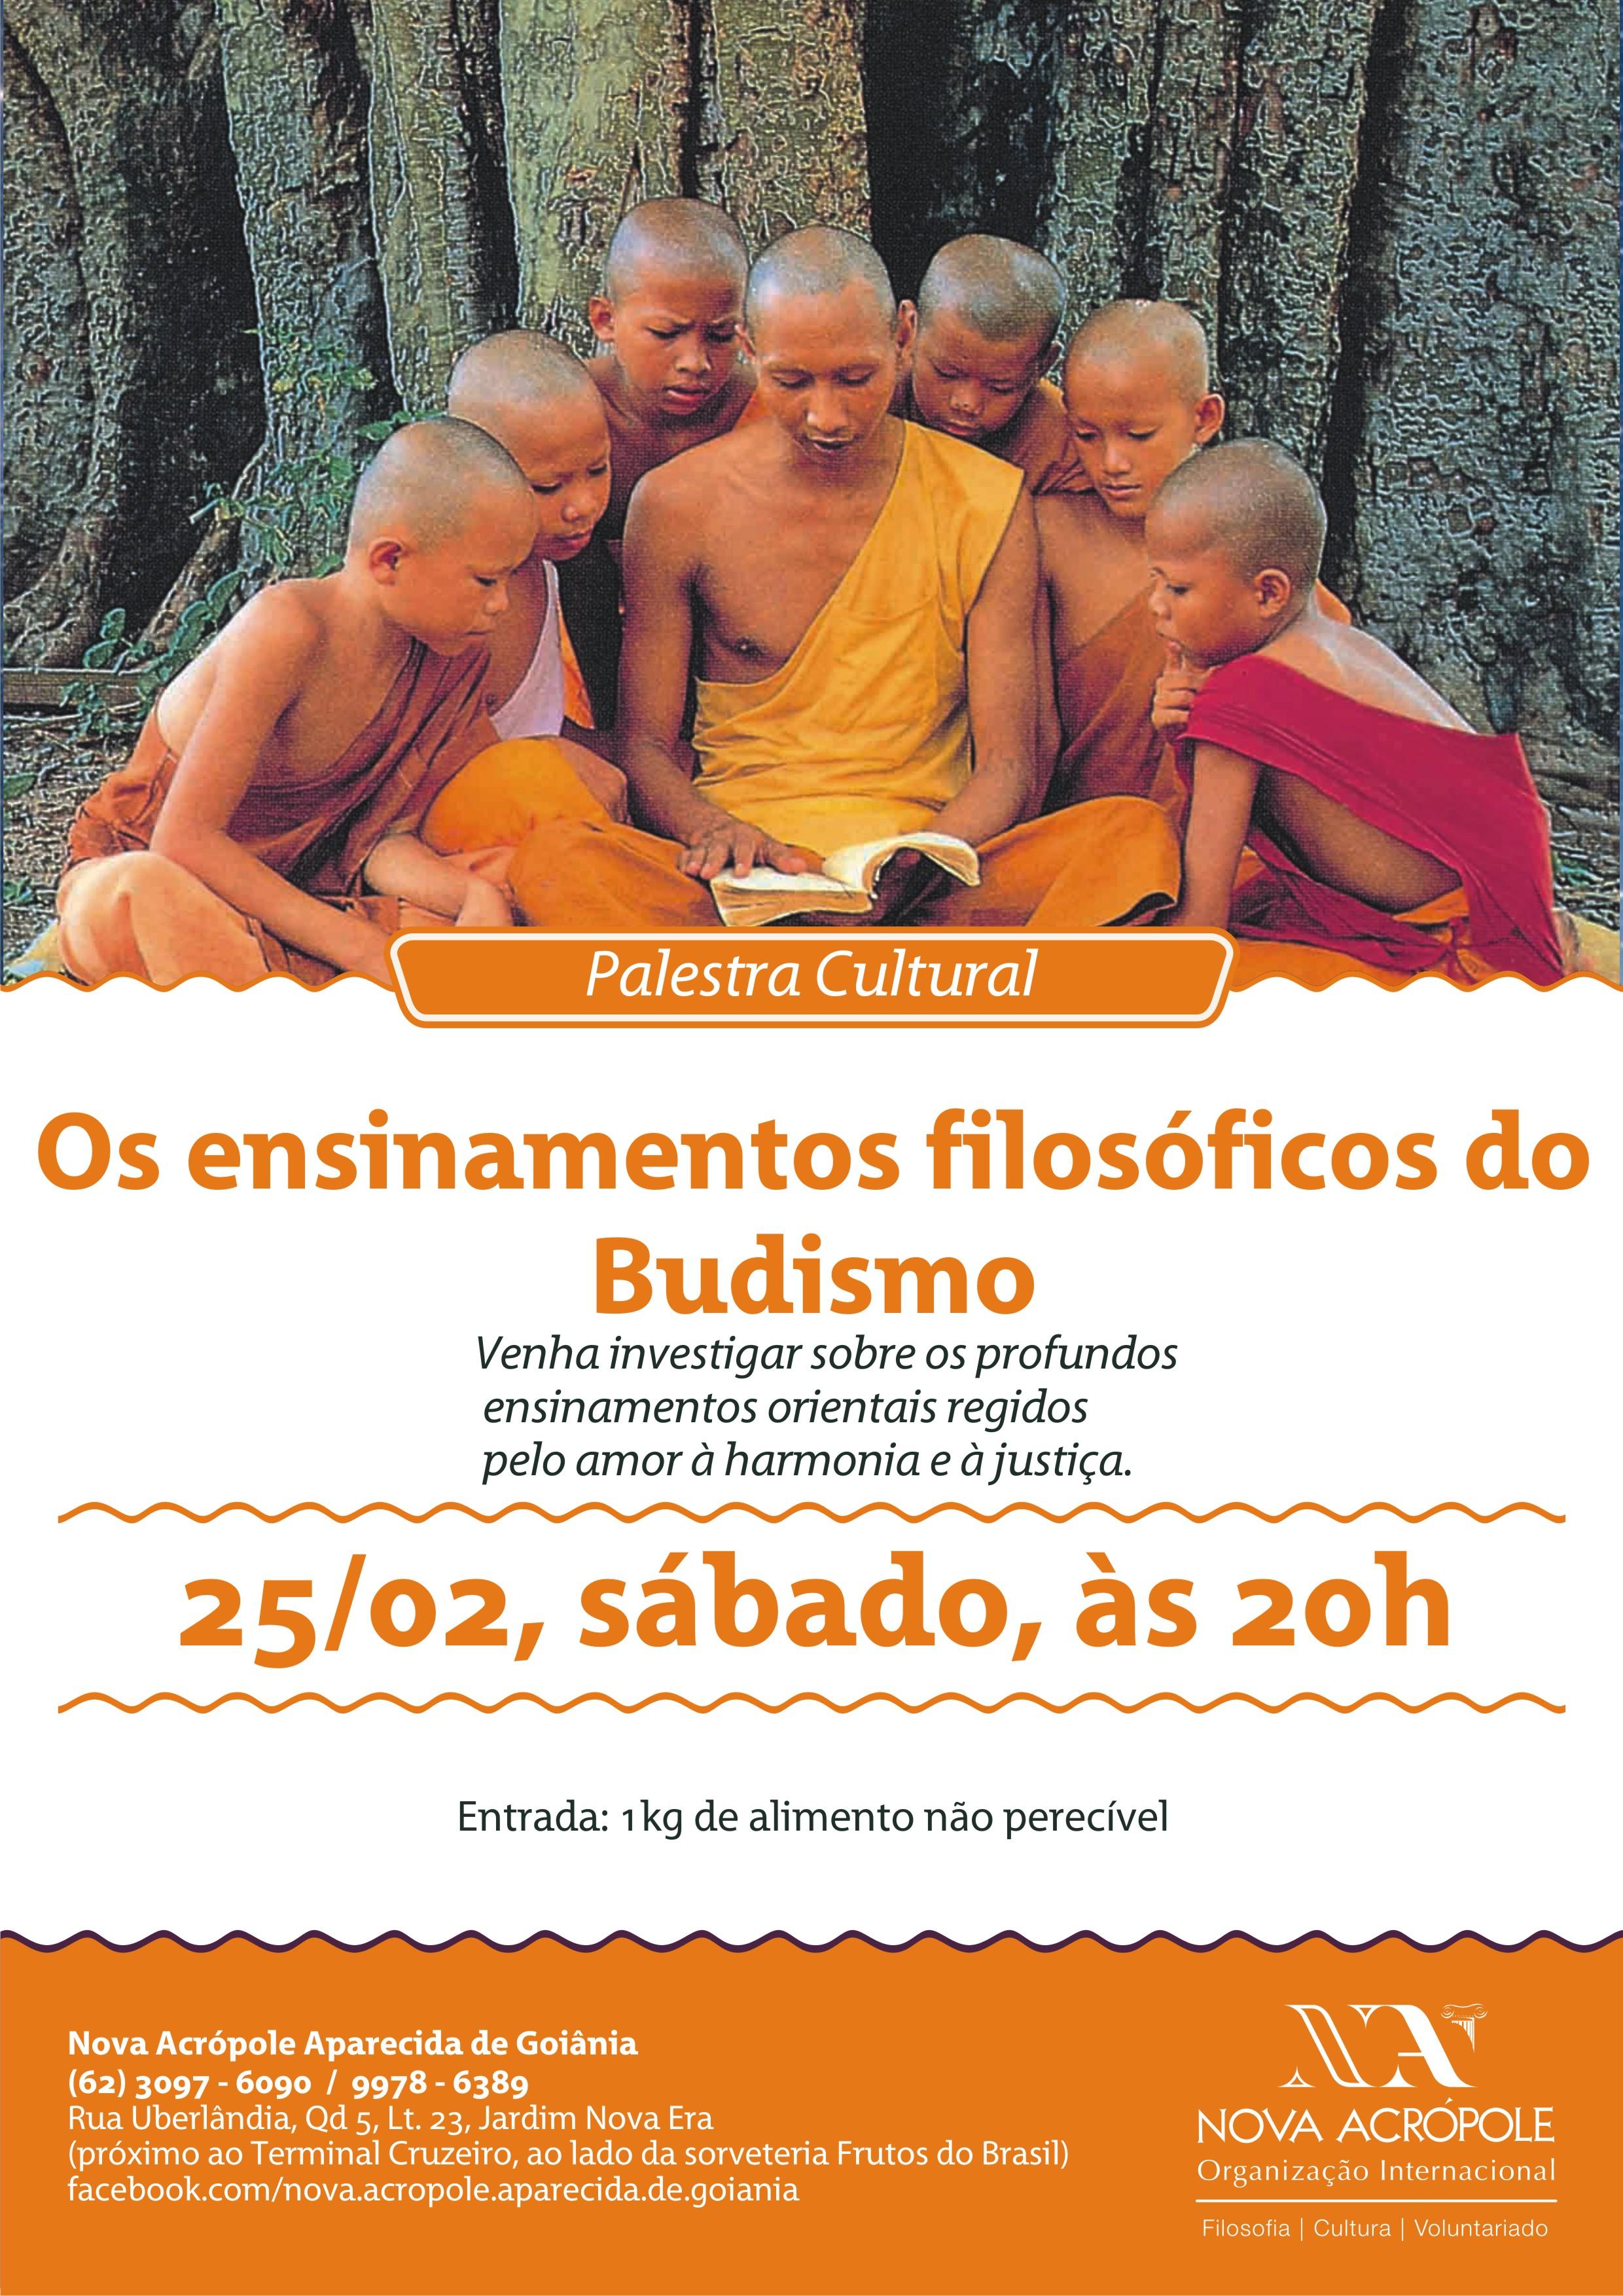 palestra_fevereiro_budismo_2014